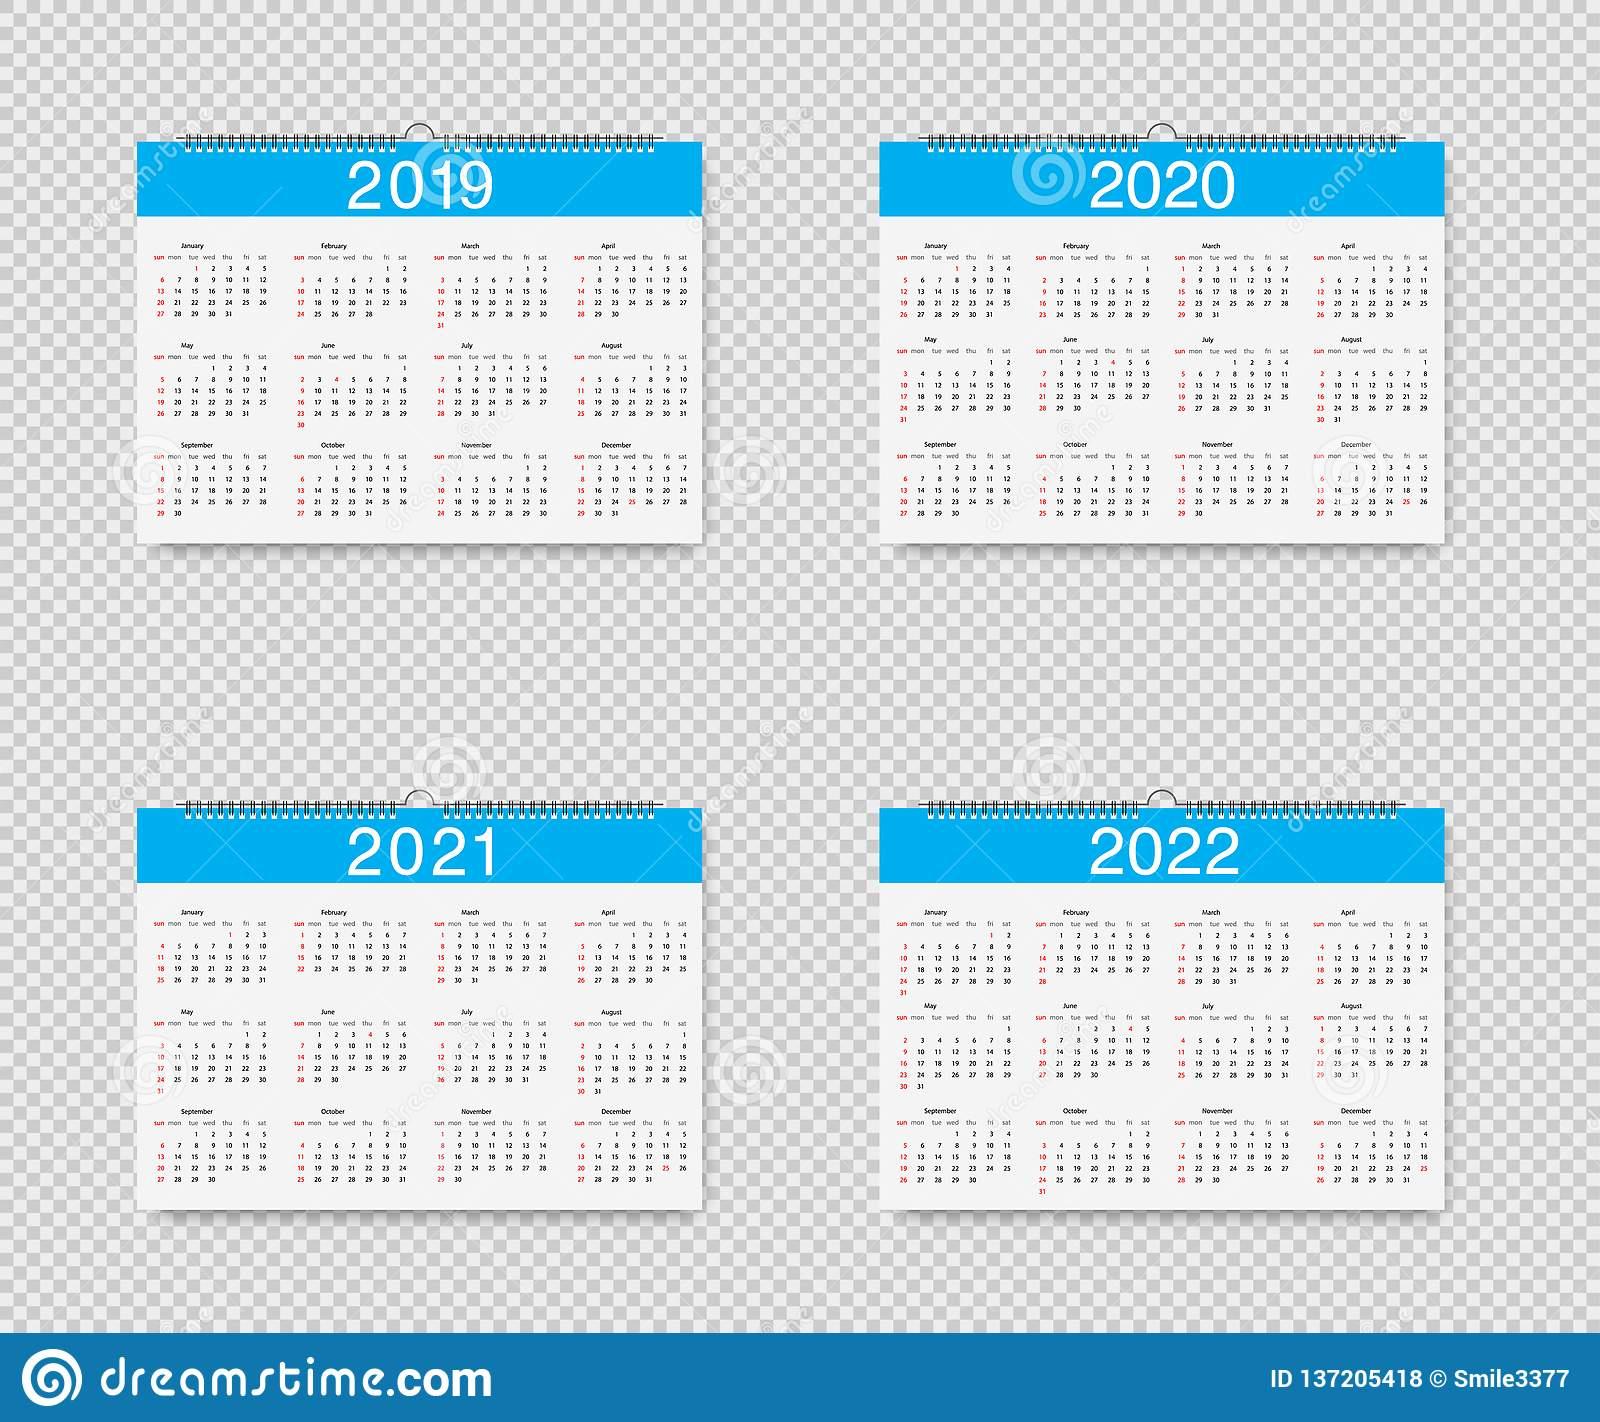 Календарь Вектора 2019, 2020, 2021 И 2022 Лет Календари